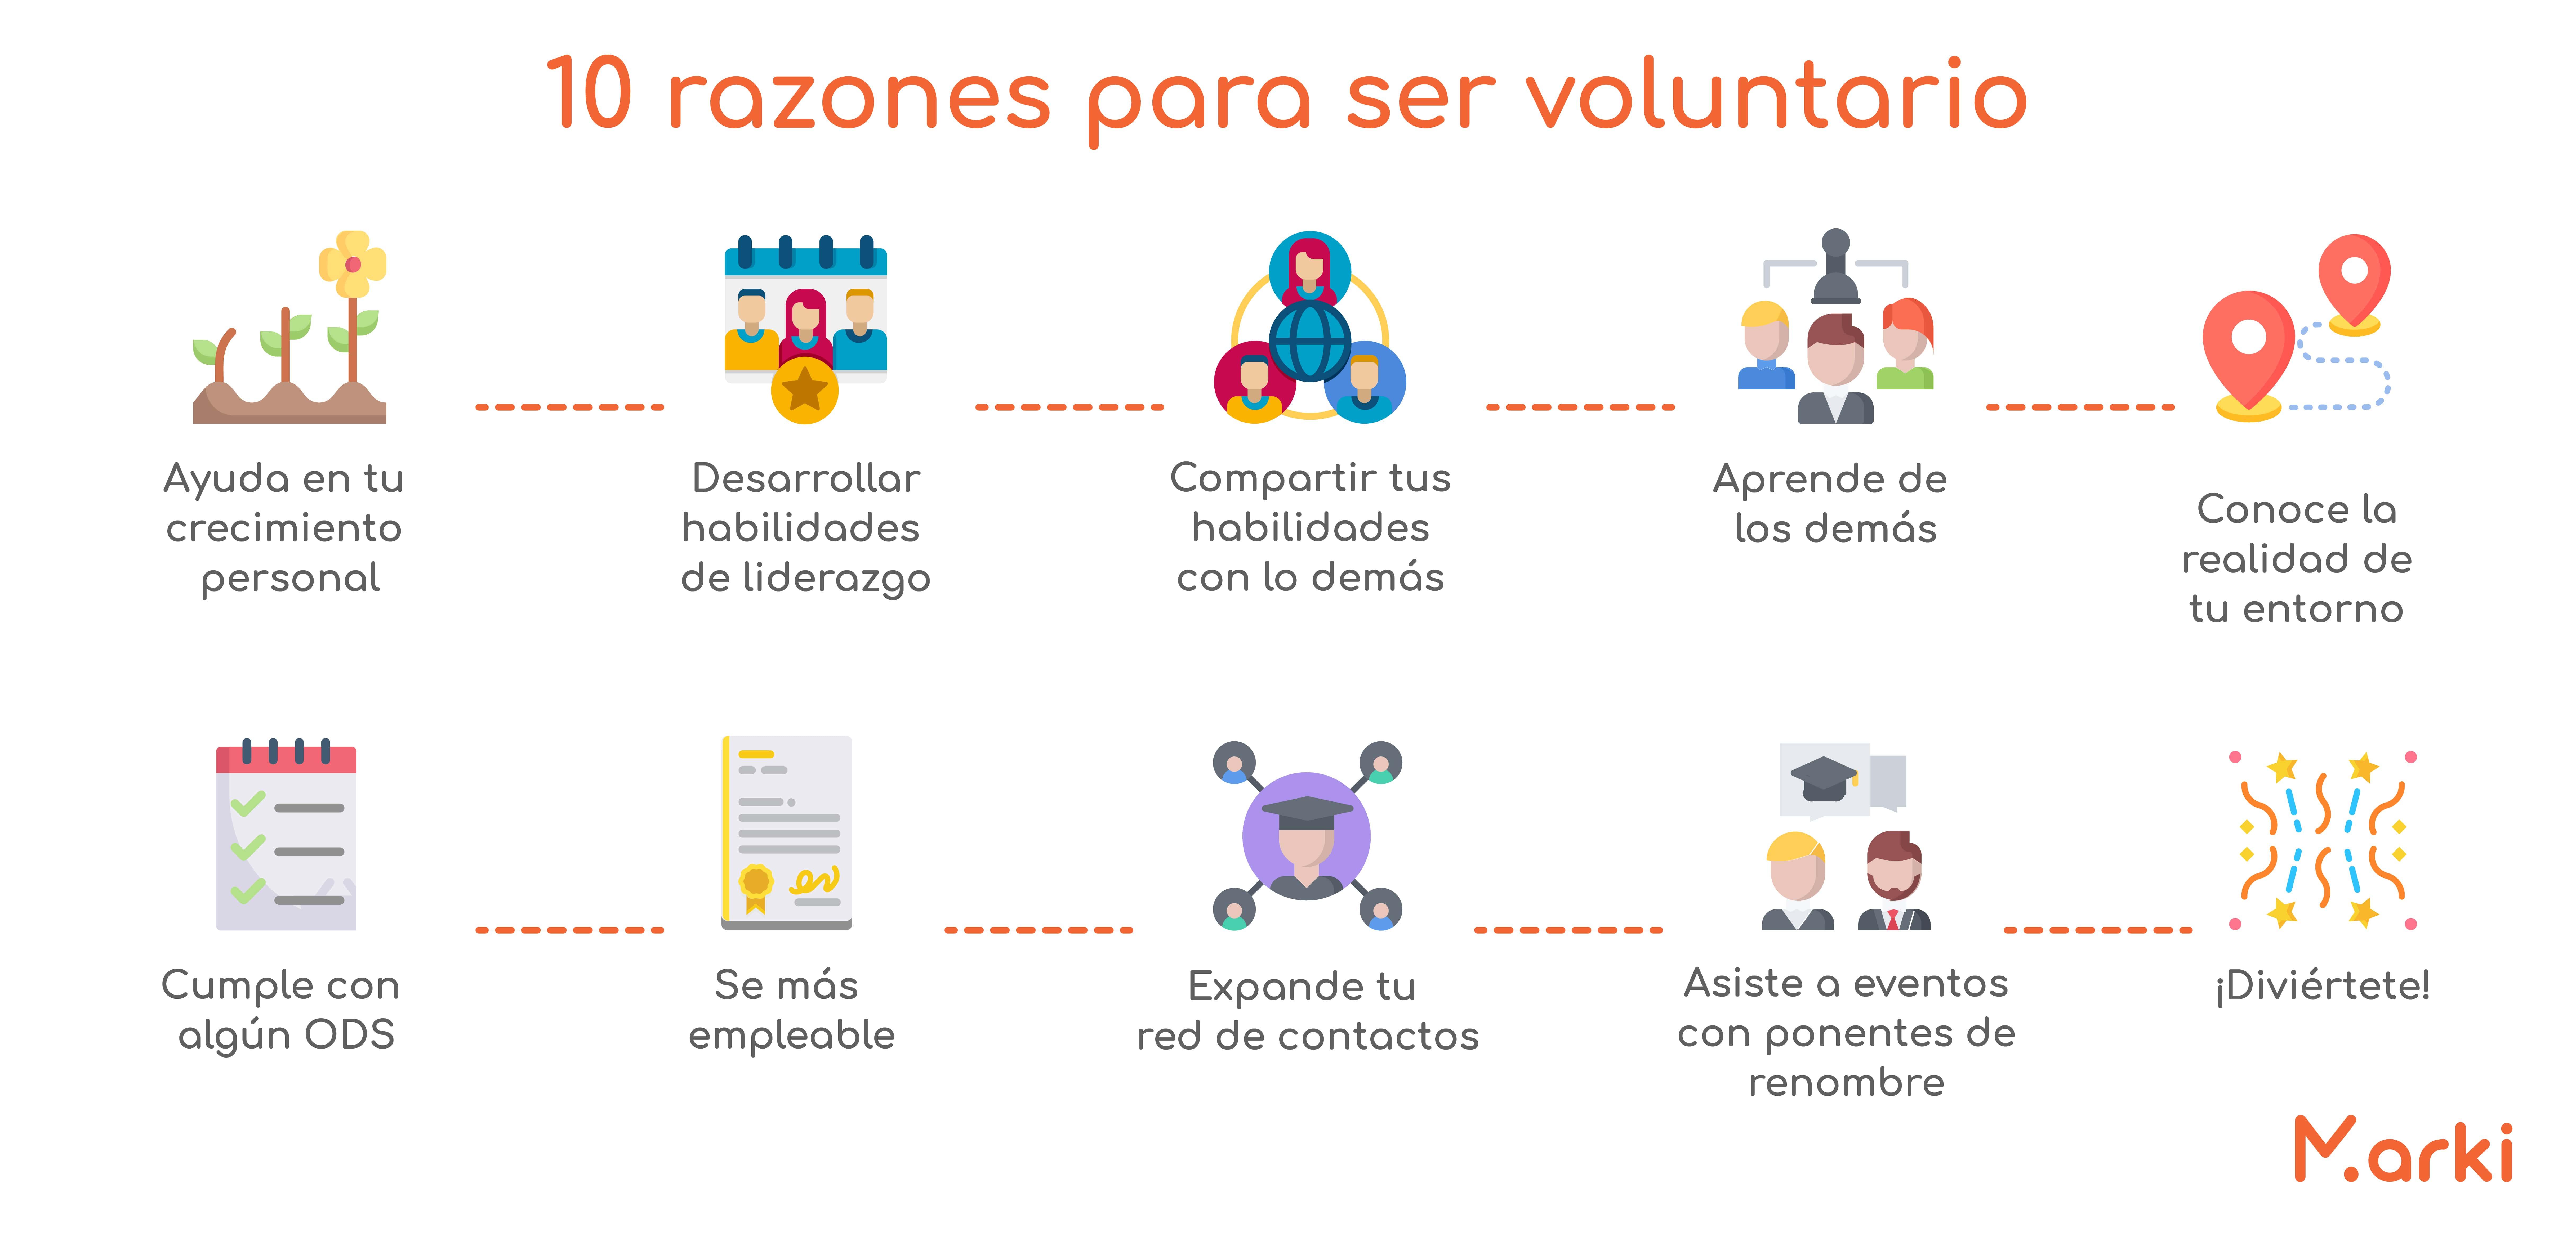 razones para ser voluntario marki programas de voluntariado ser voluntario voluntariado digital voluntariado en linea voluntariado marki voluntariado mexico voluntariado online voluntariado peru voluntariado virtual